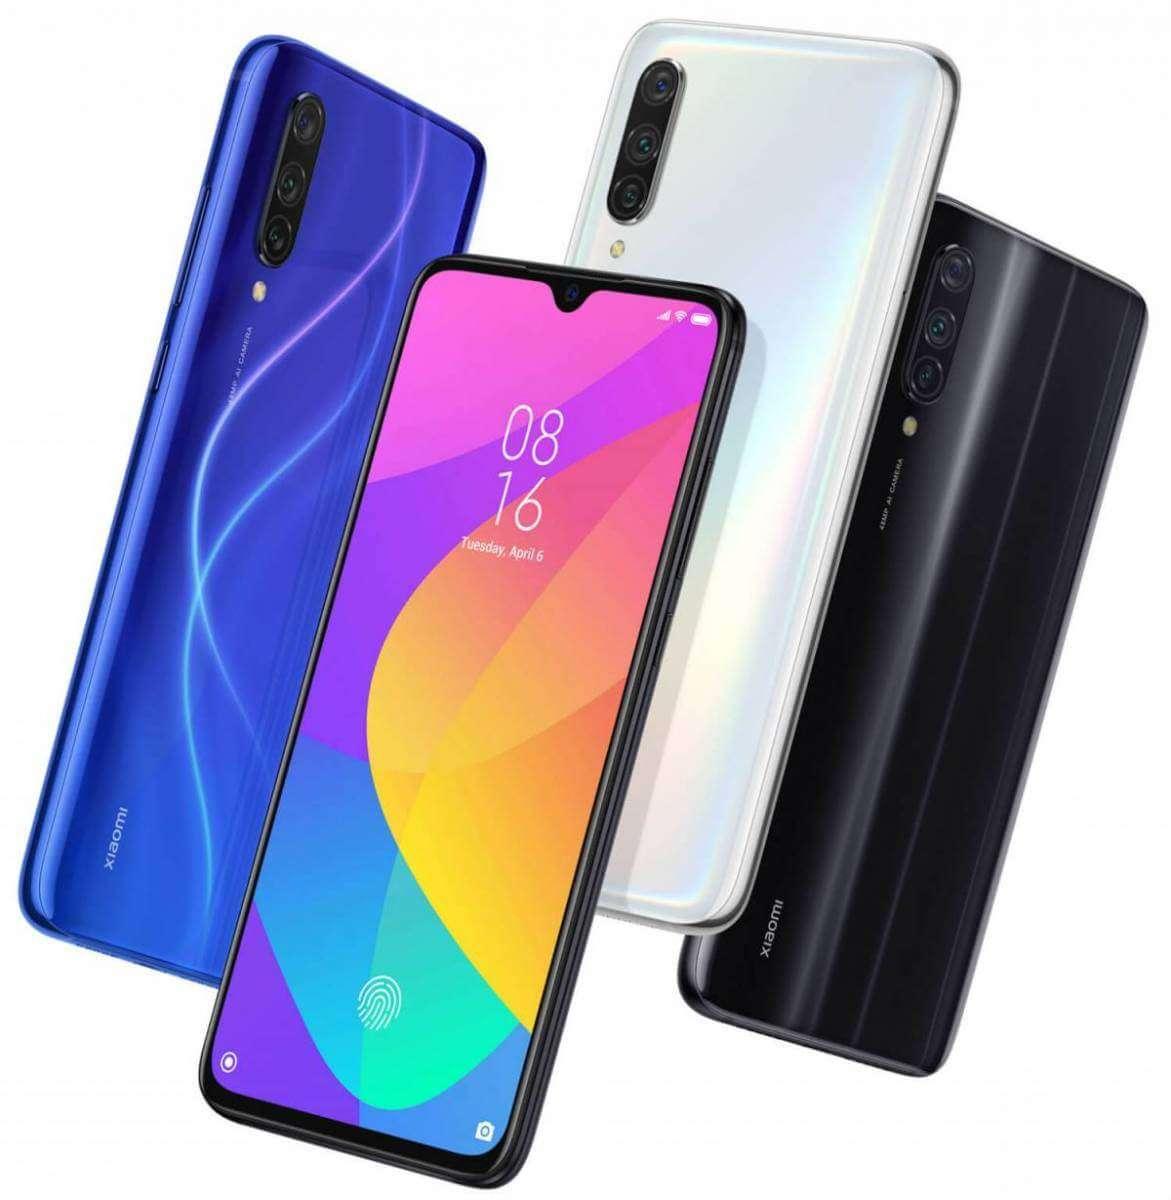 Варіанти кольорів корпусу Xiaomi Mi 9 Lite